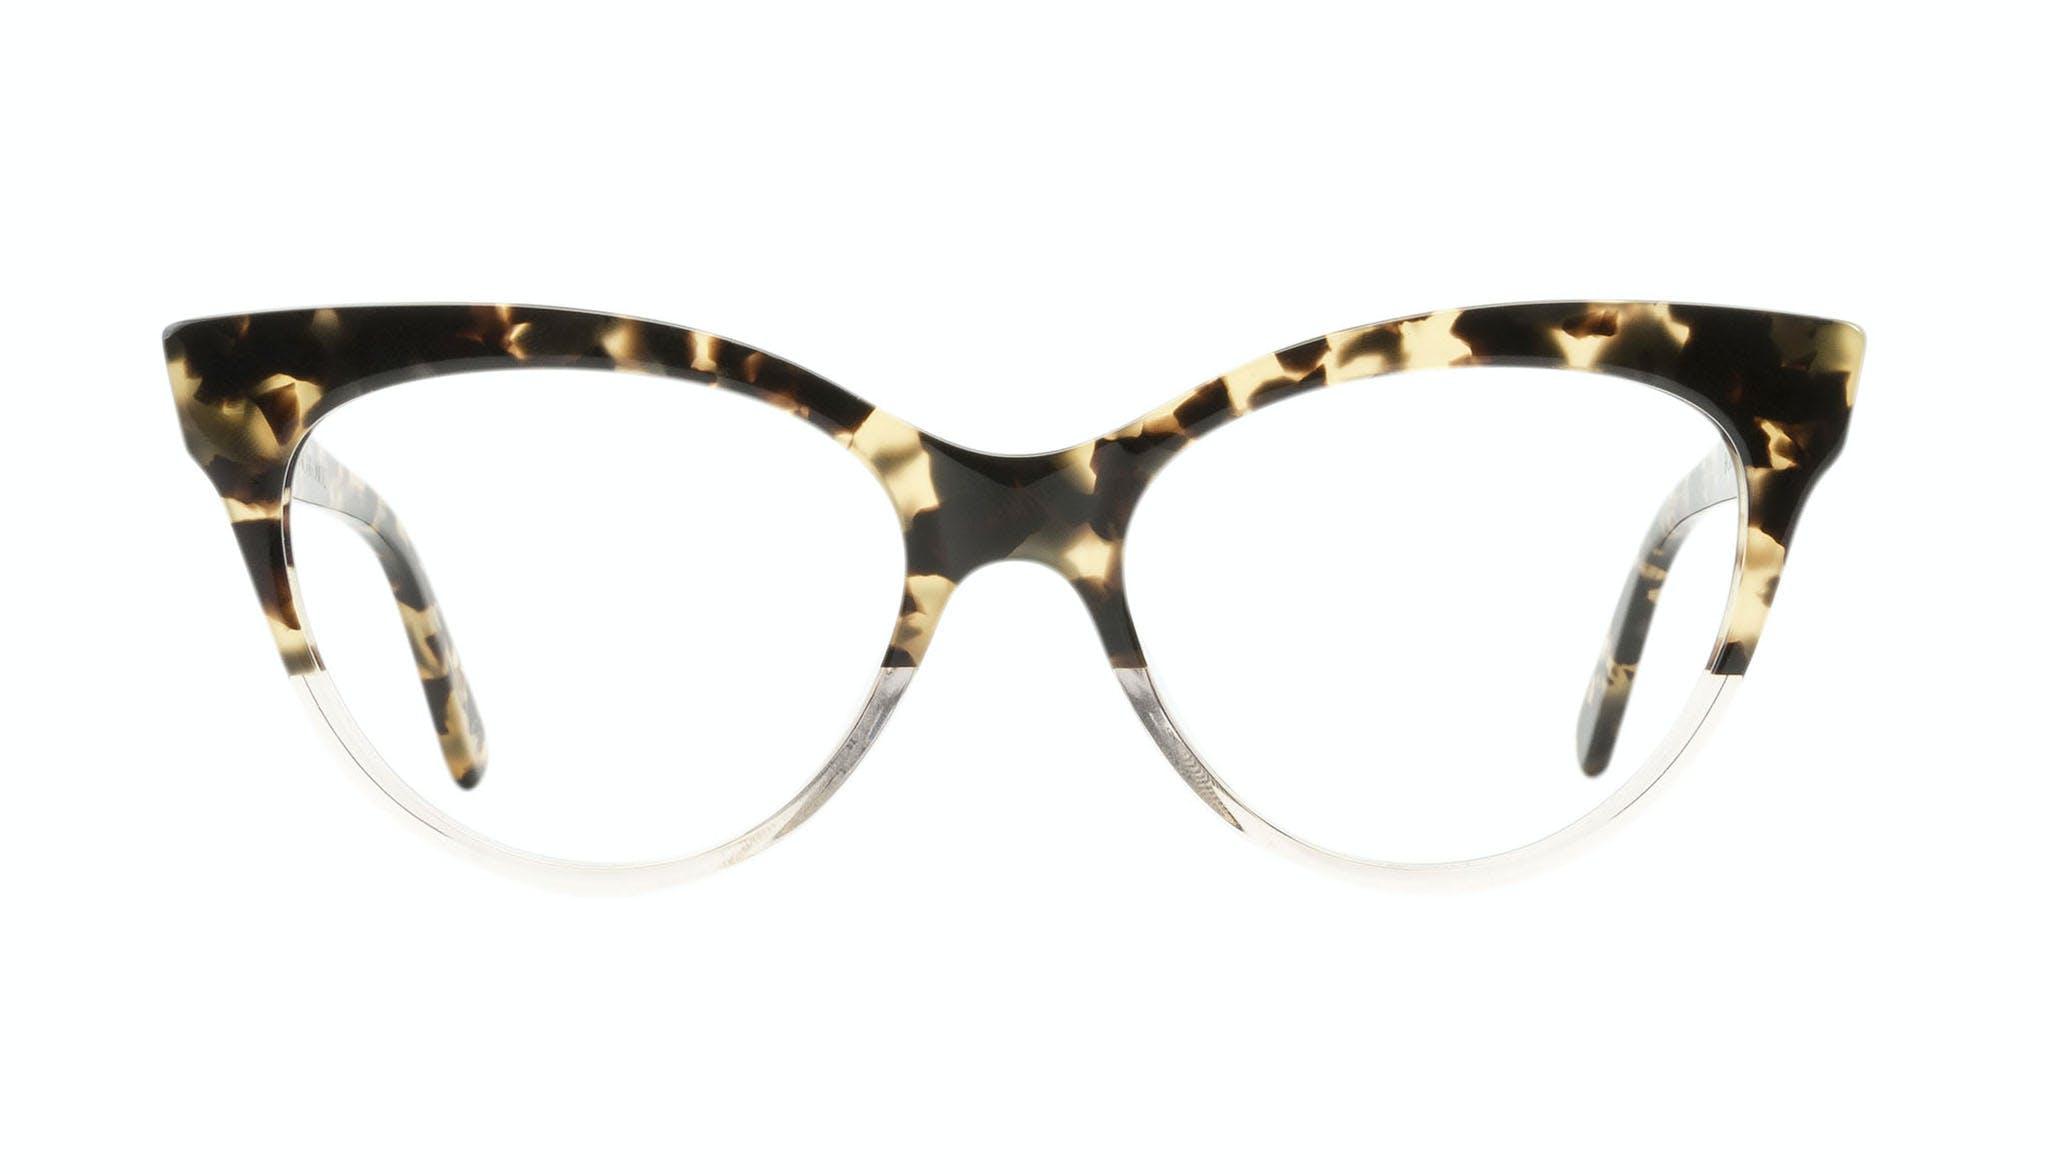 Affordable Fashion Glasses Cat Eye Daring Cateye Eyeglasses Women SkunkBoy Champagne Tort